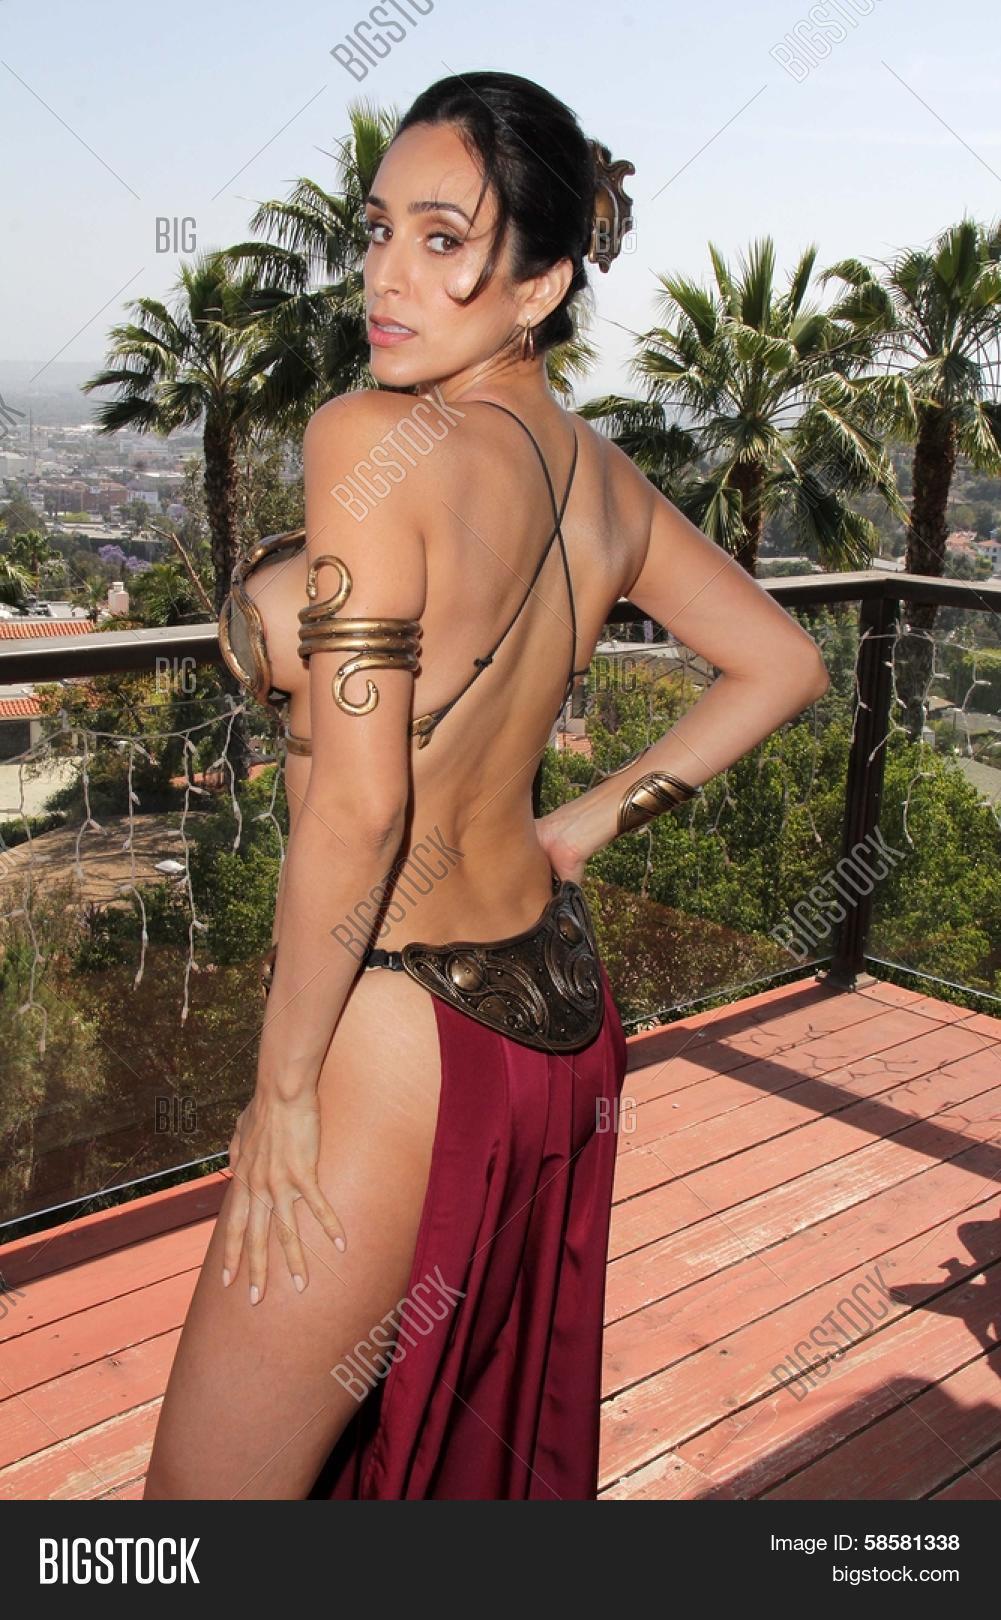 Valerie Perez nudes (88 fotos), young Selfie, Instagram, bra 2016